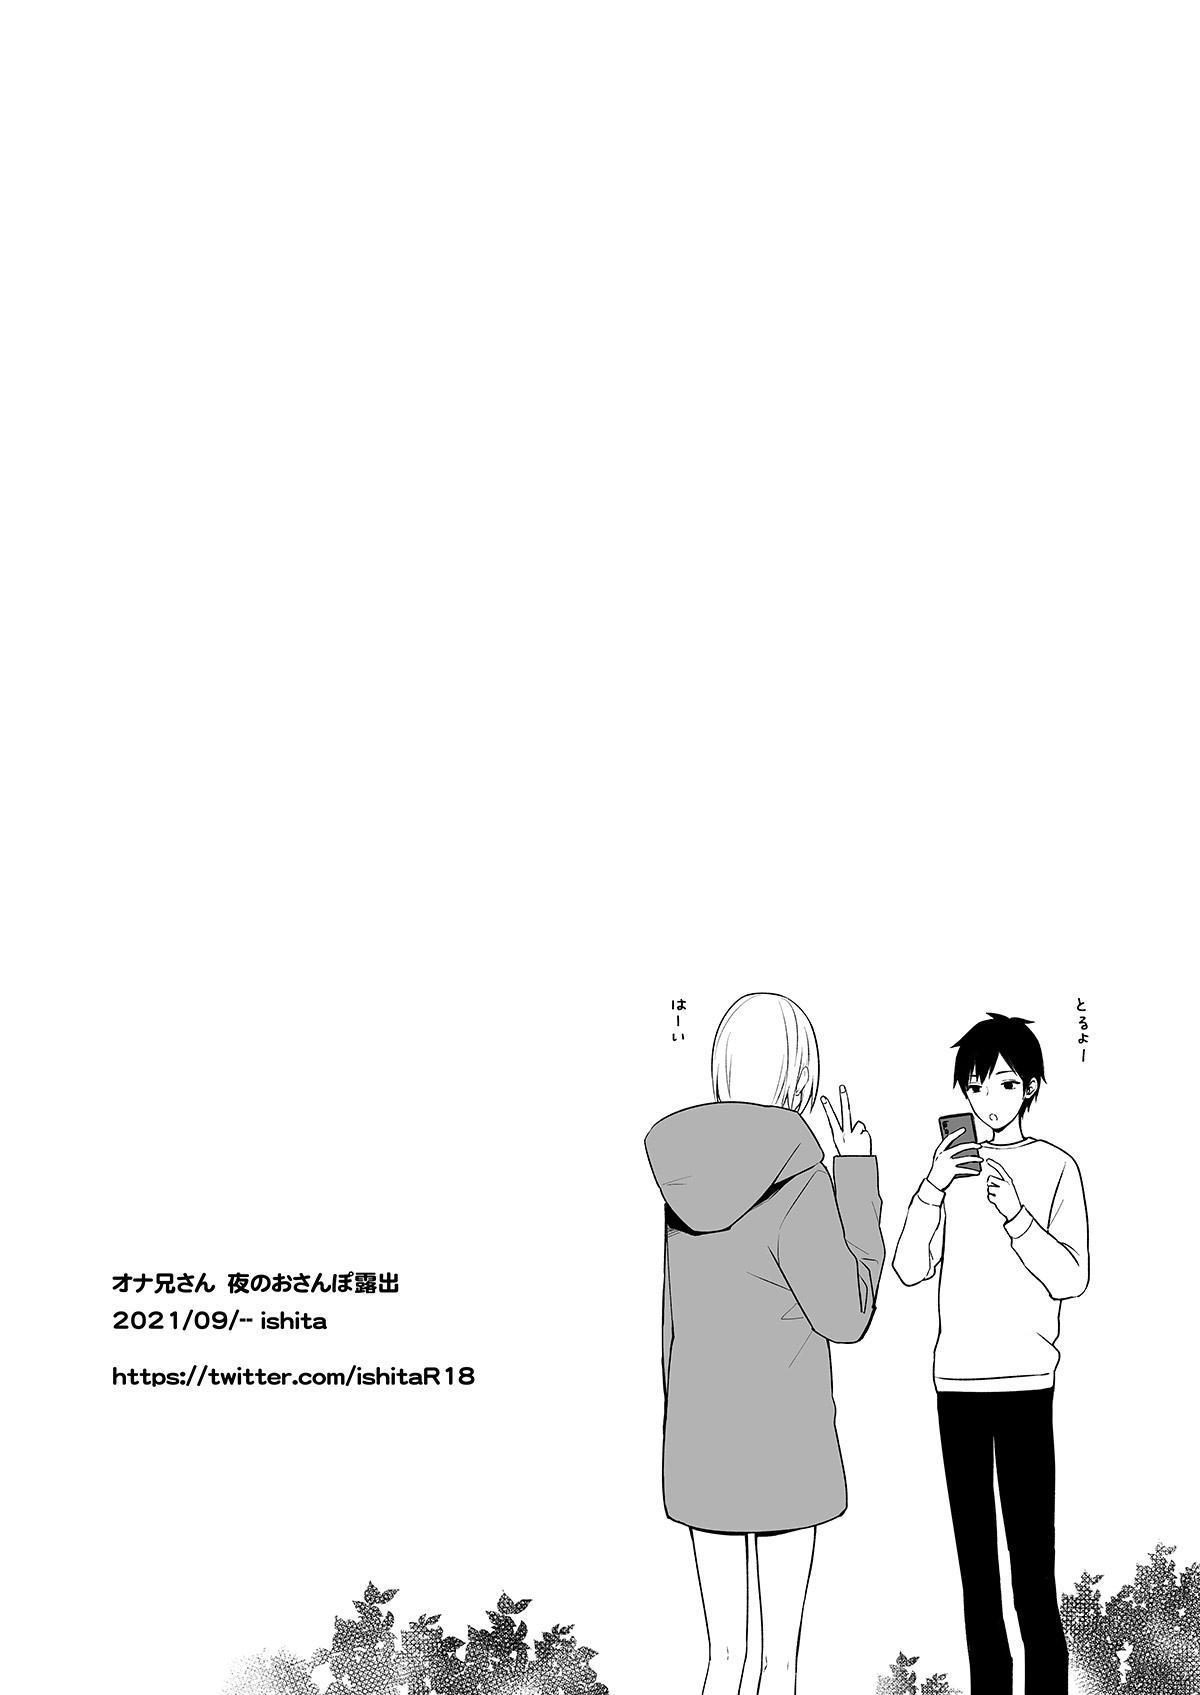 オナ兄さん・夜のおさんぽ露出 53